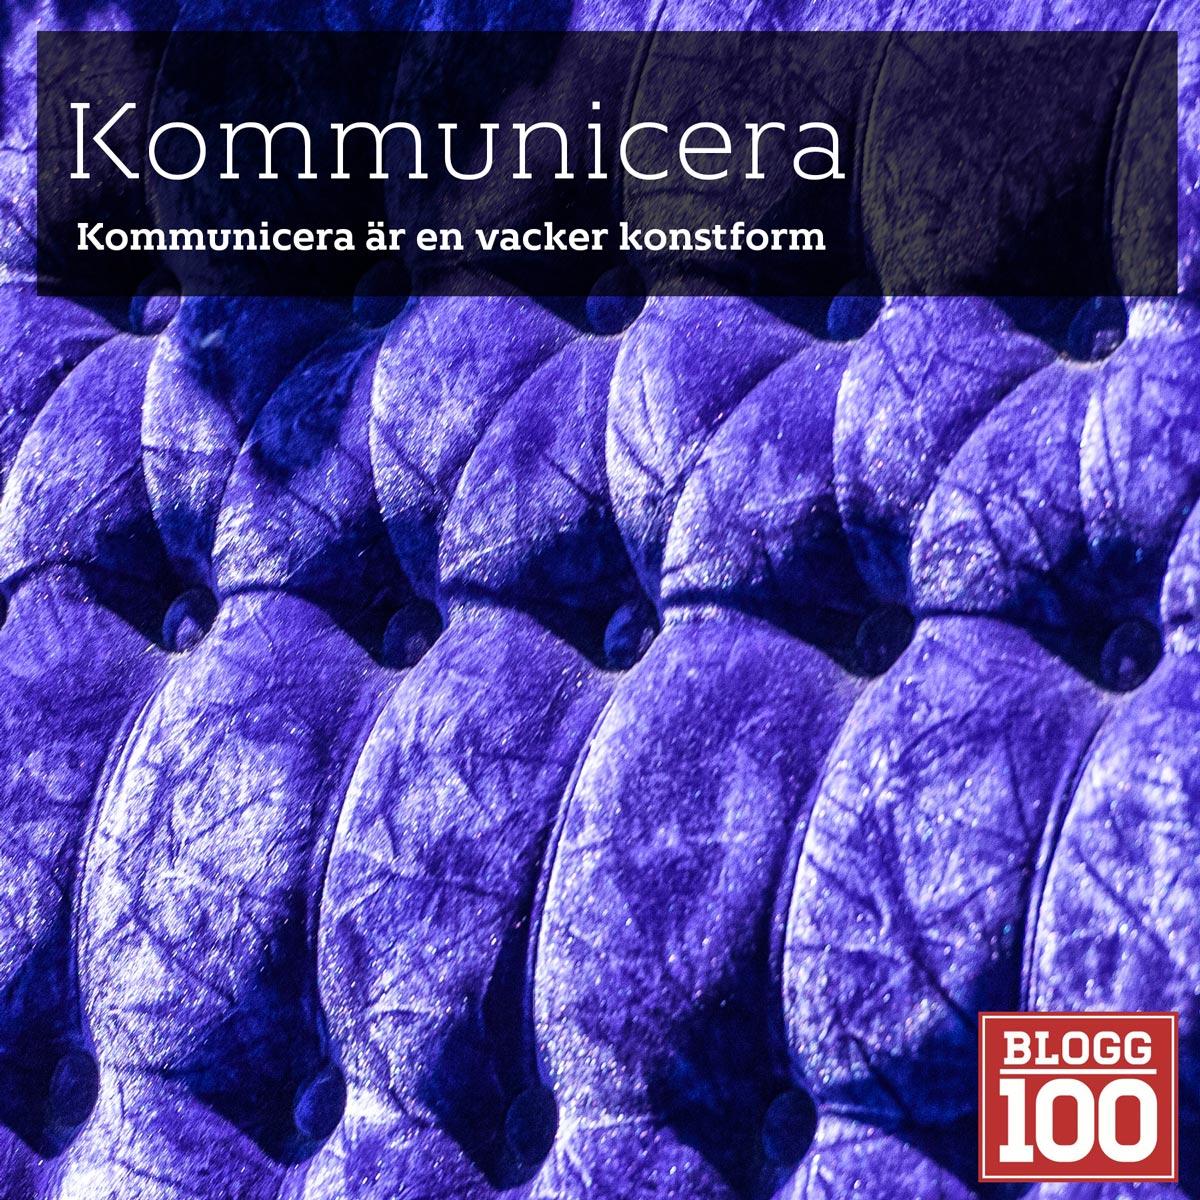 Kommunicera rätt! #blogg100 #fb